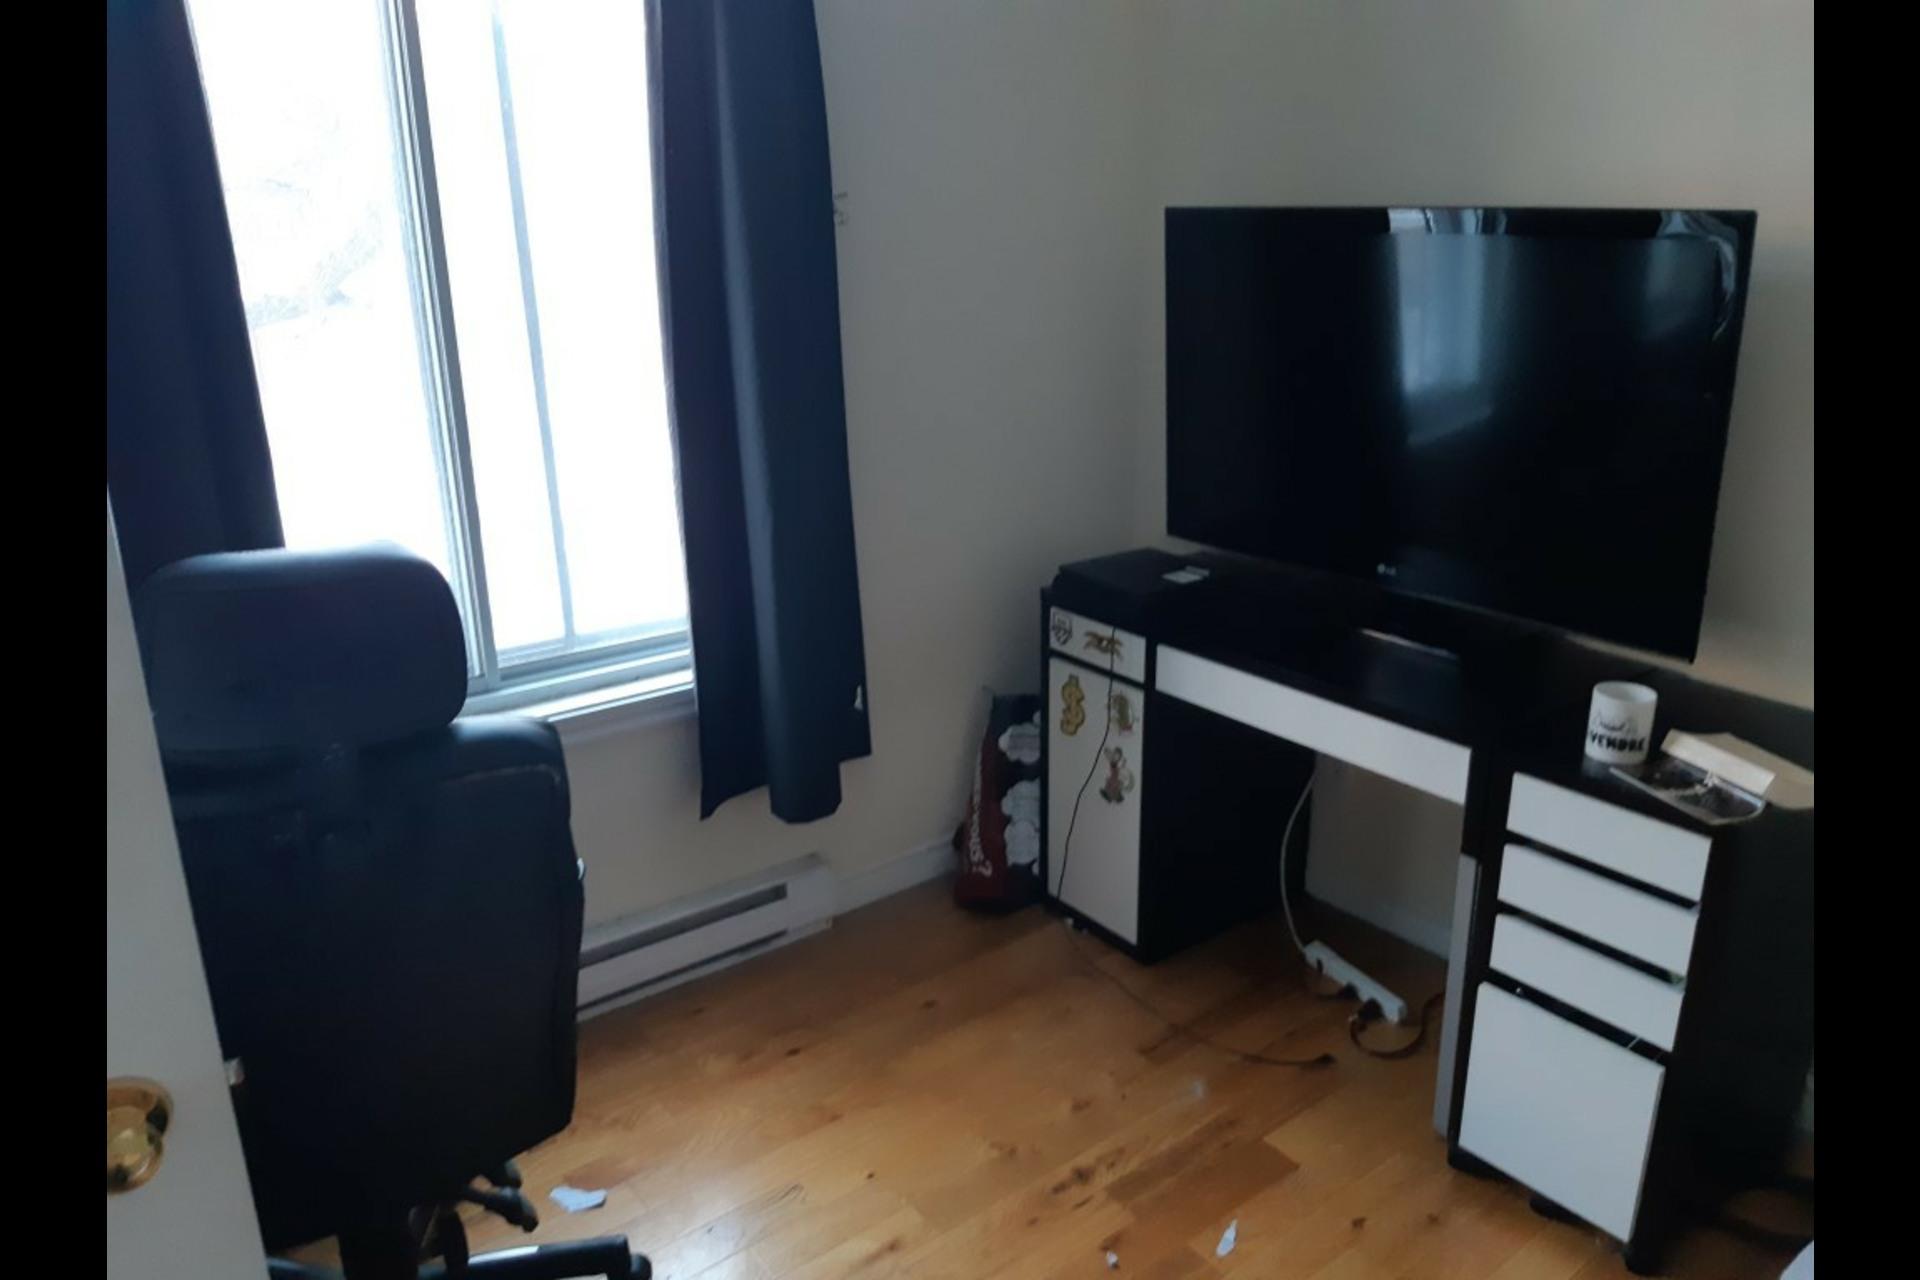 image 3 - Appartement À louer Montréal Hochelaga / Maisonneuve - 5 pièces